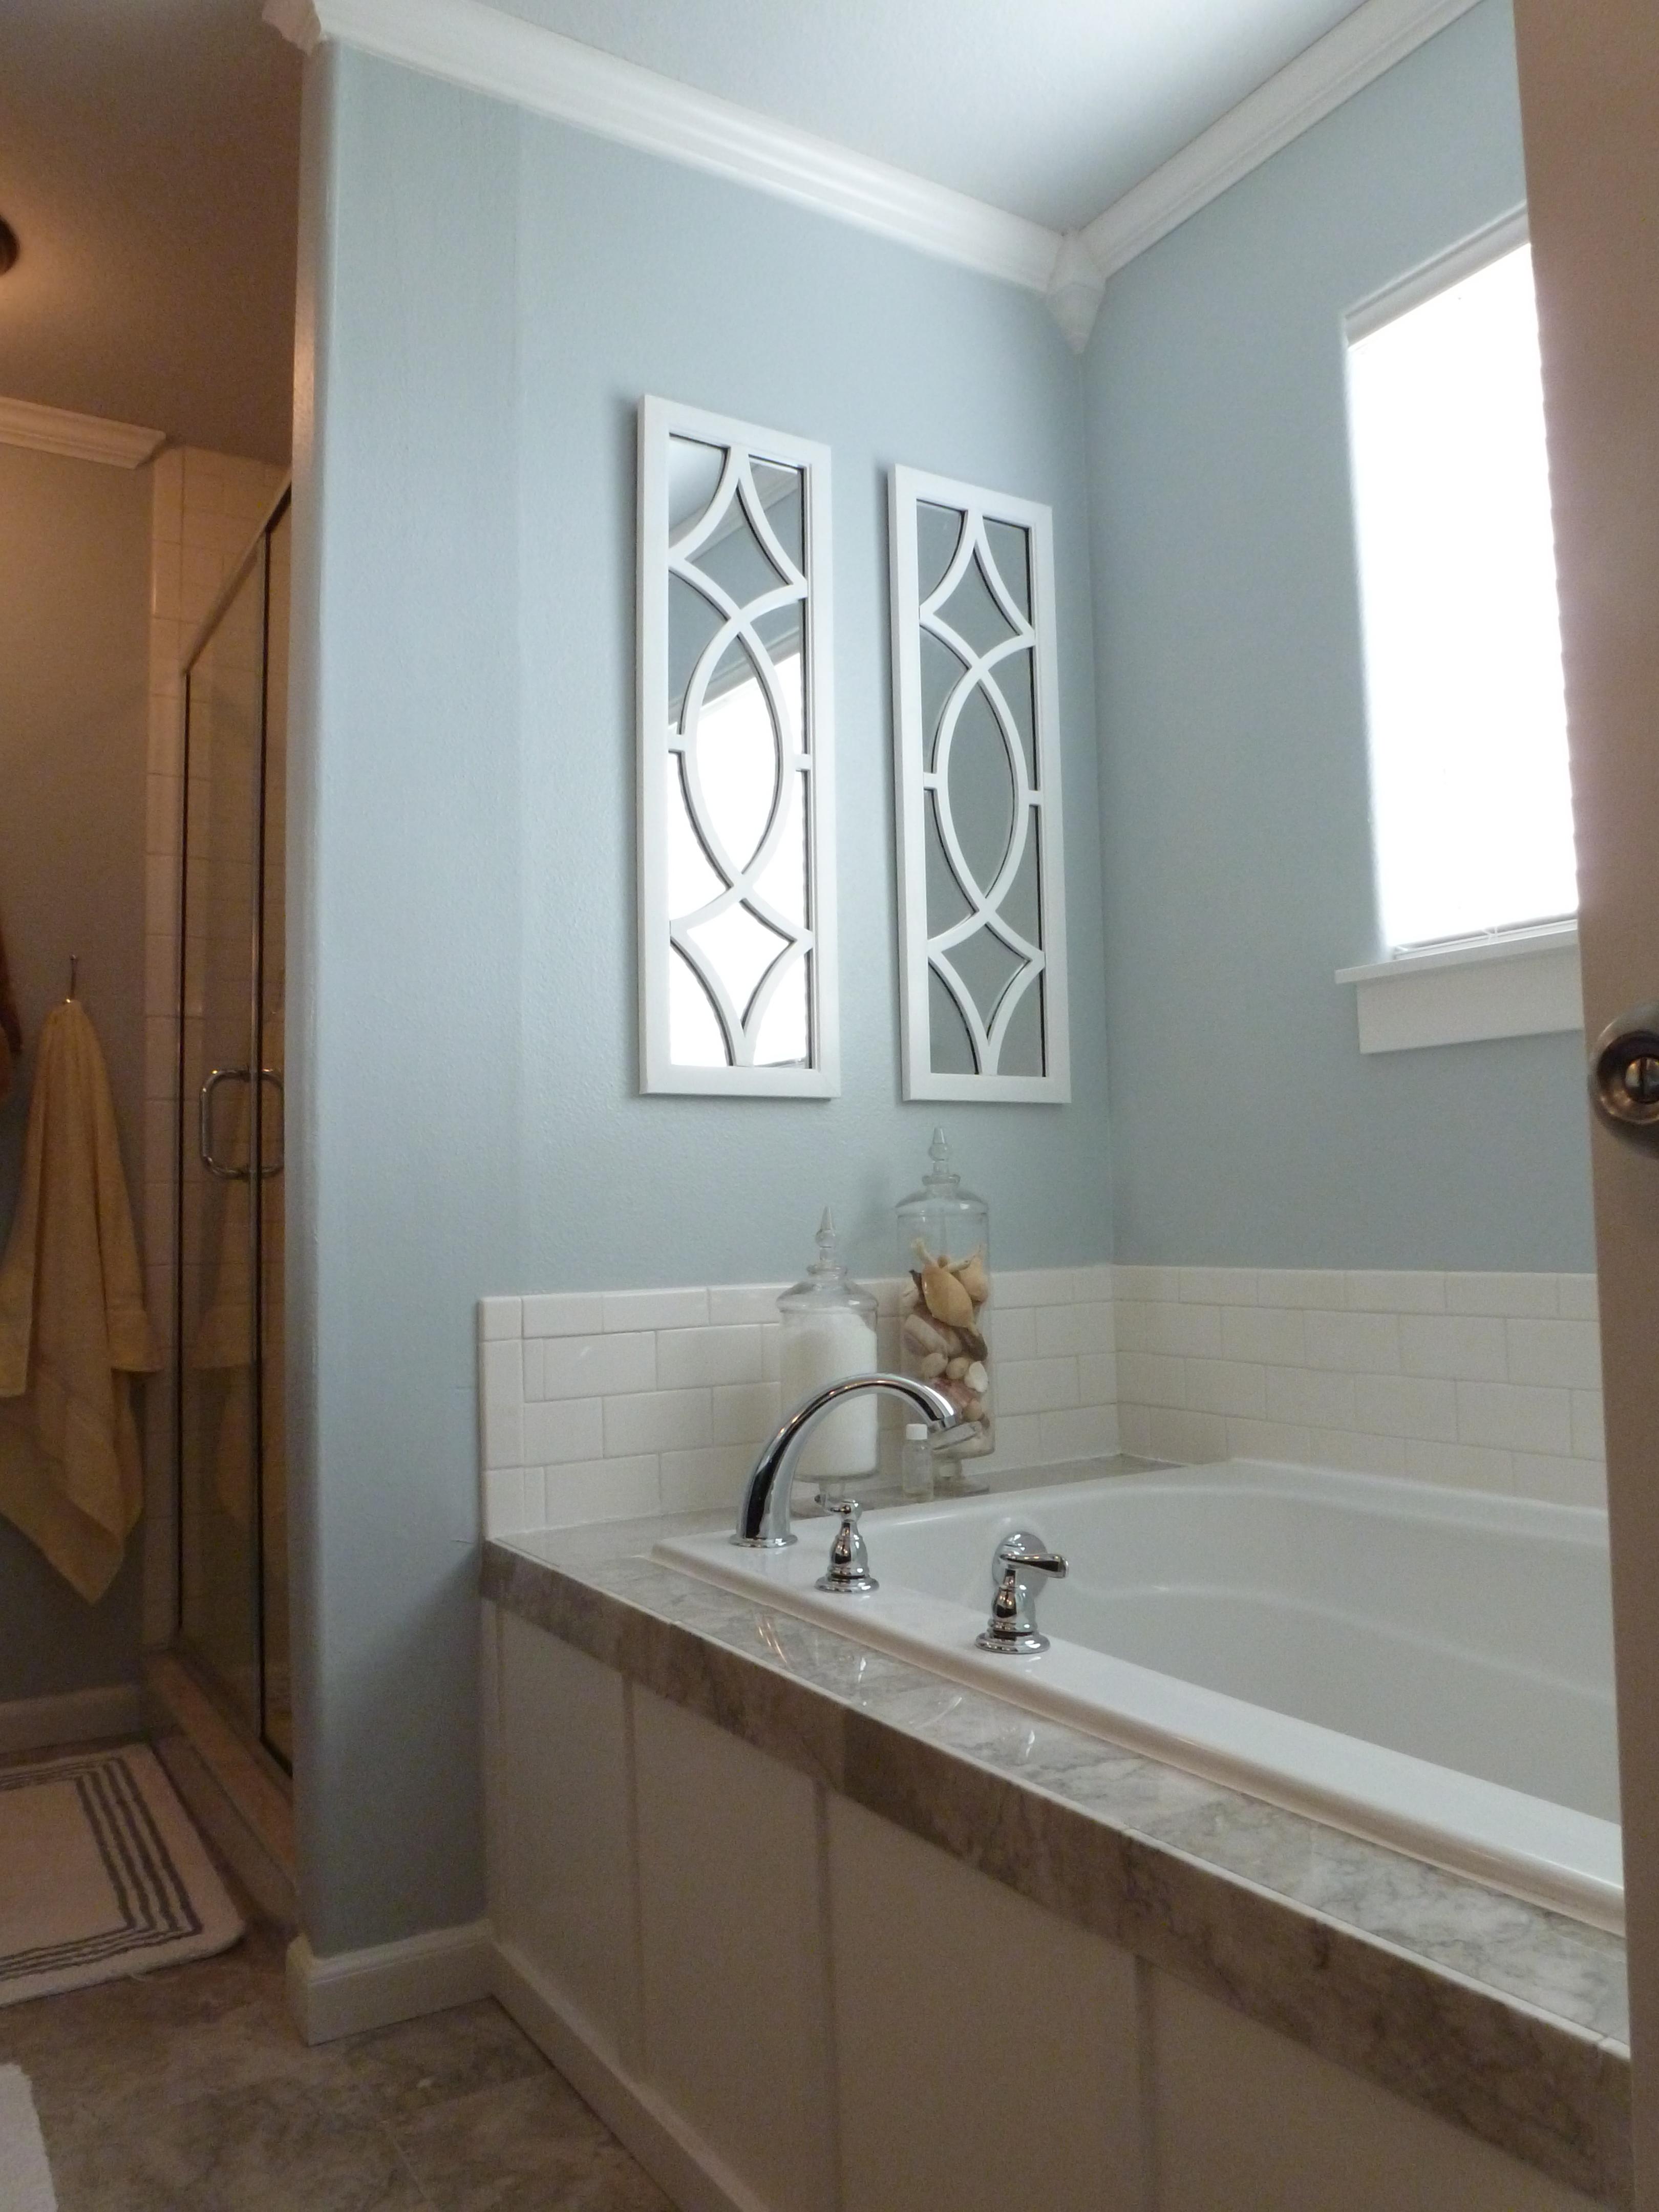 home depot bathroom remodeling. bath remodel. home depot bathroom